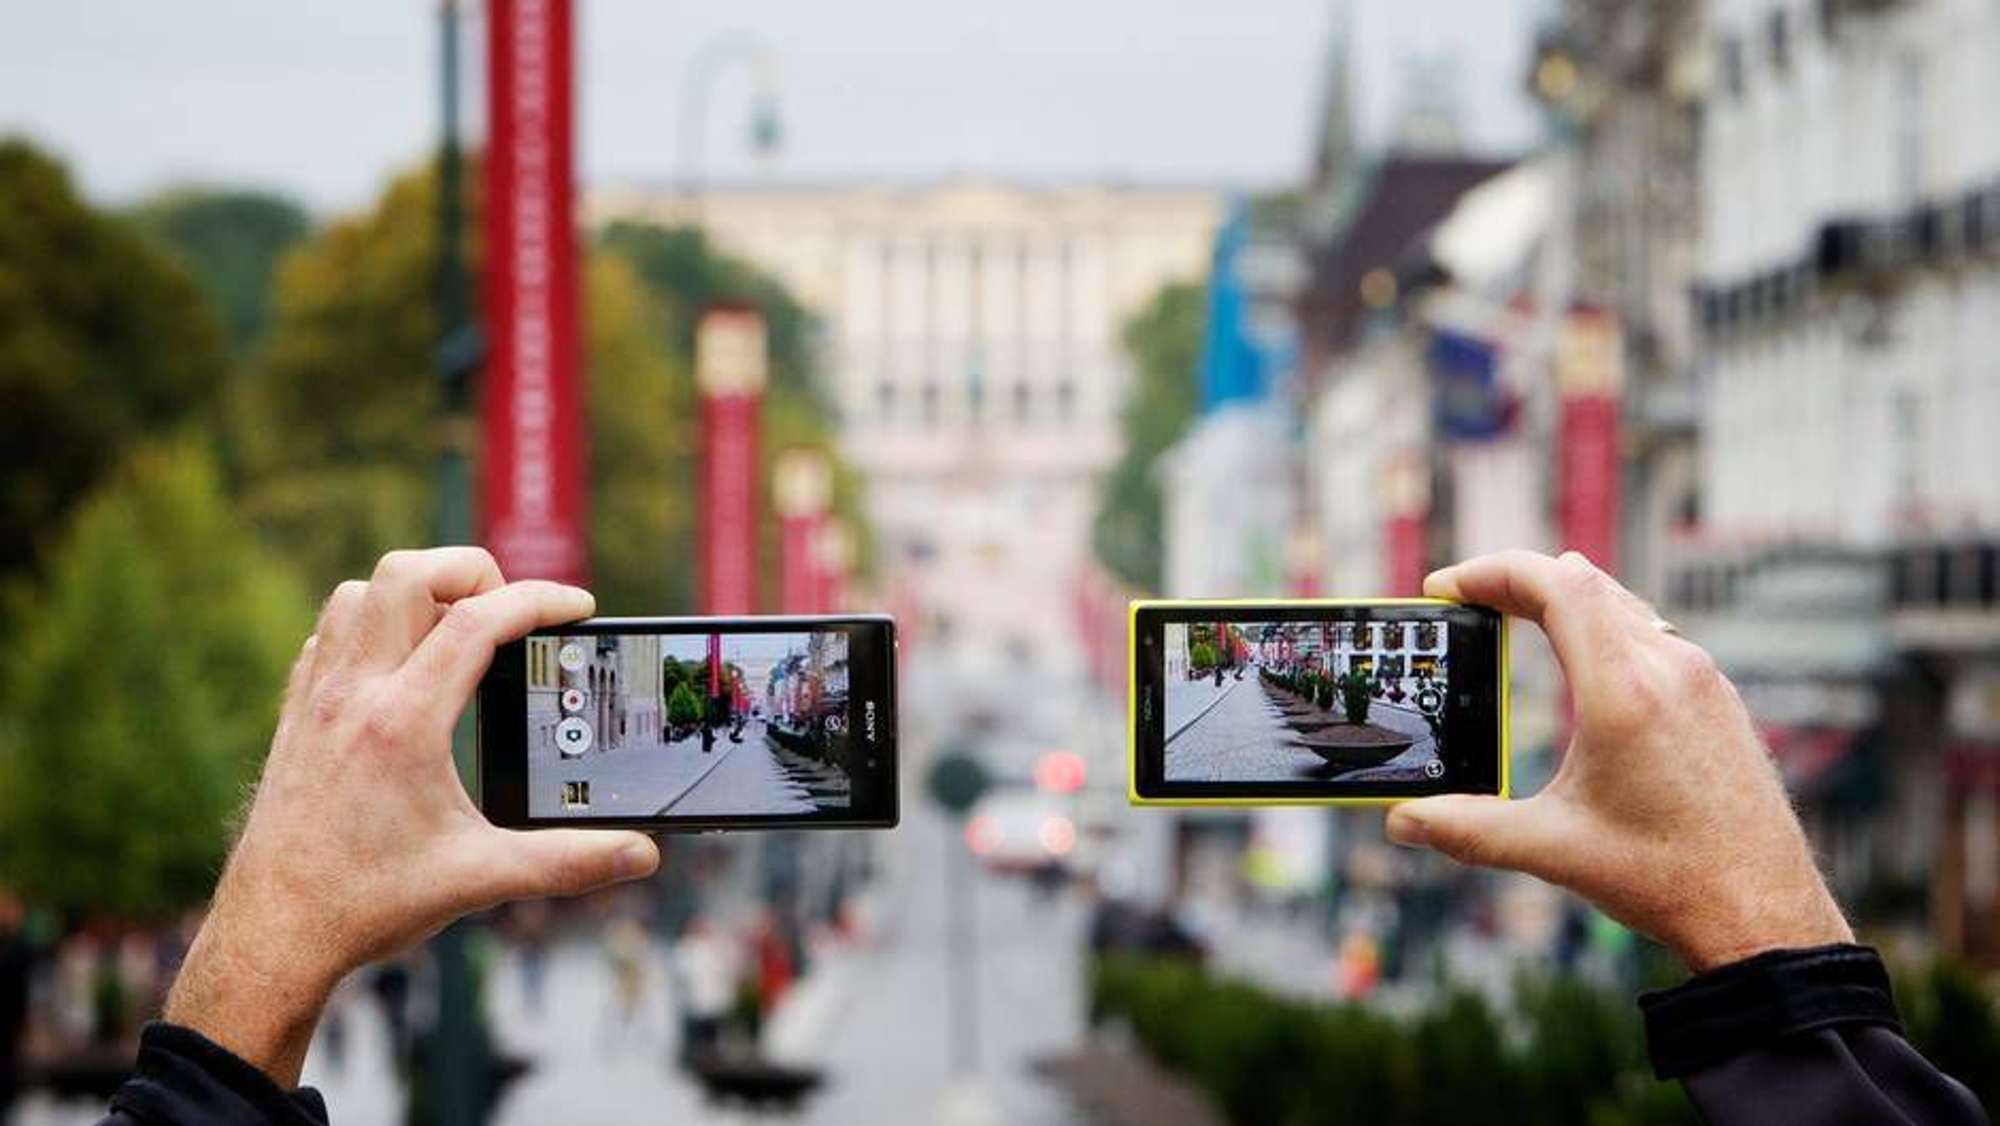 Duell: Nokia Lumia 1020 vs Sony Xperia Z1